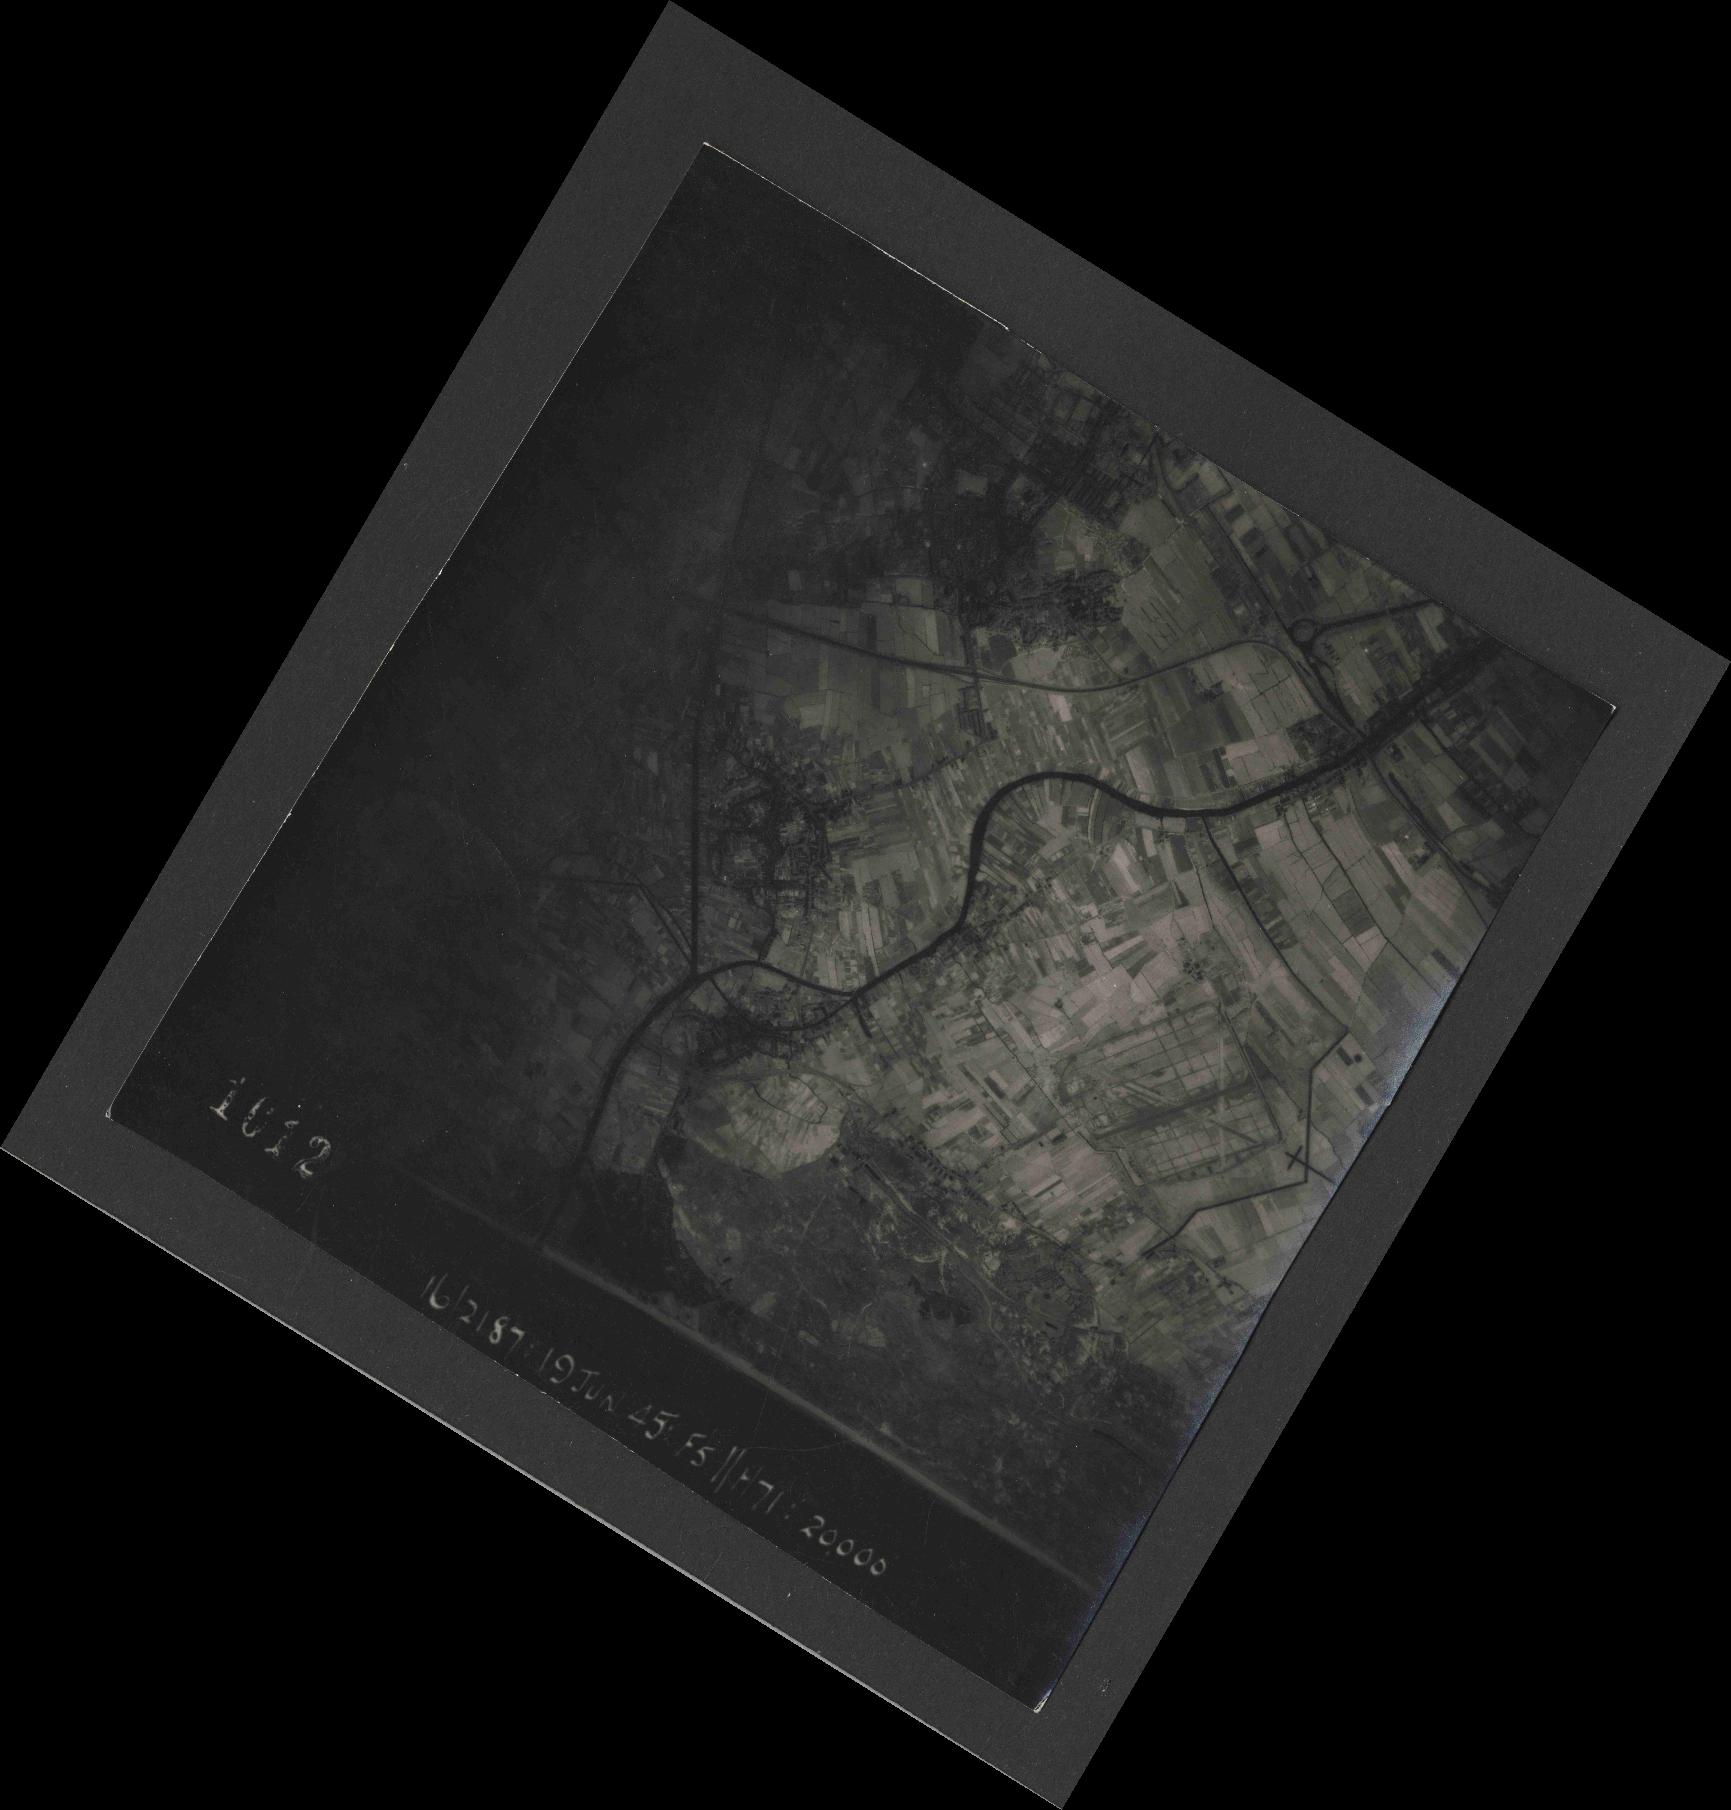 Collection RAF aerial photos 1940-1945 - flight 551, run 01, photo 1012